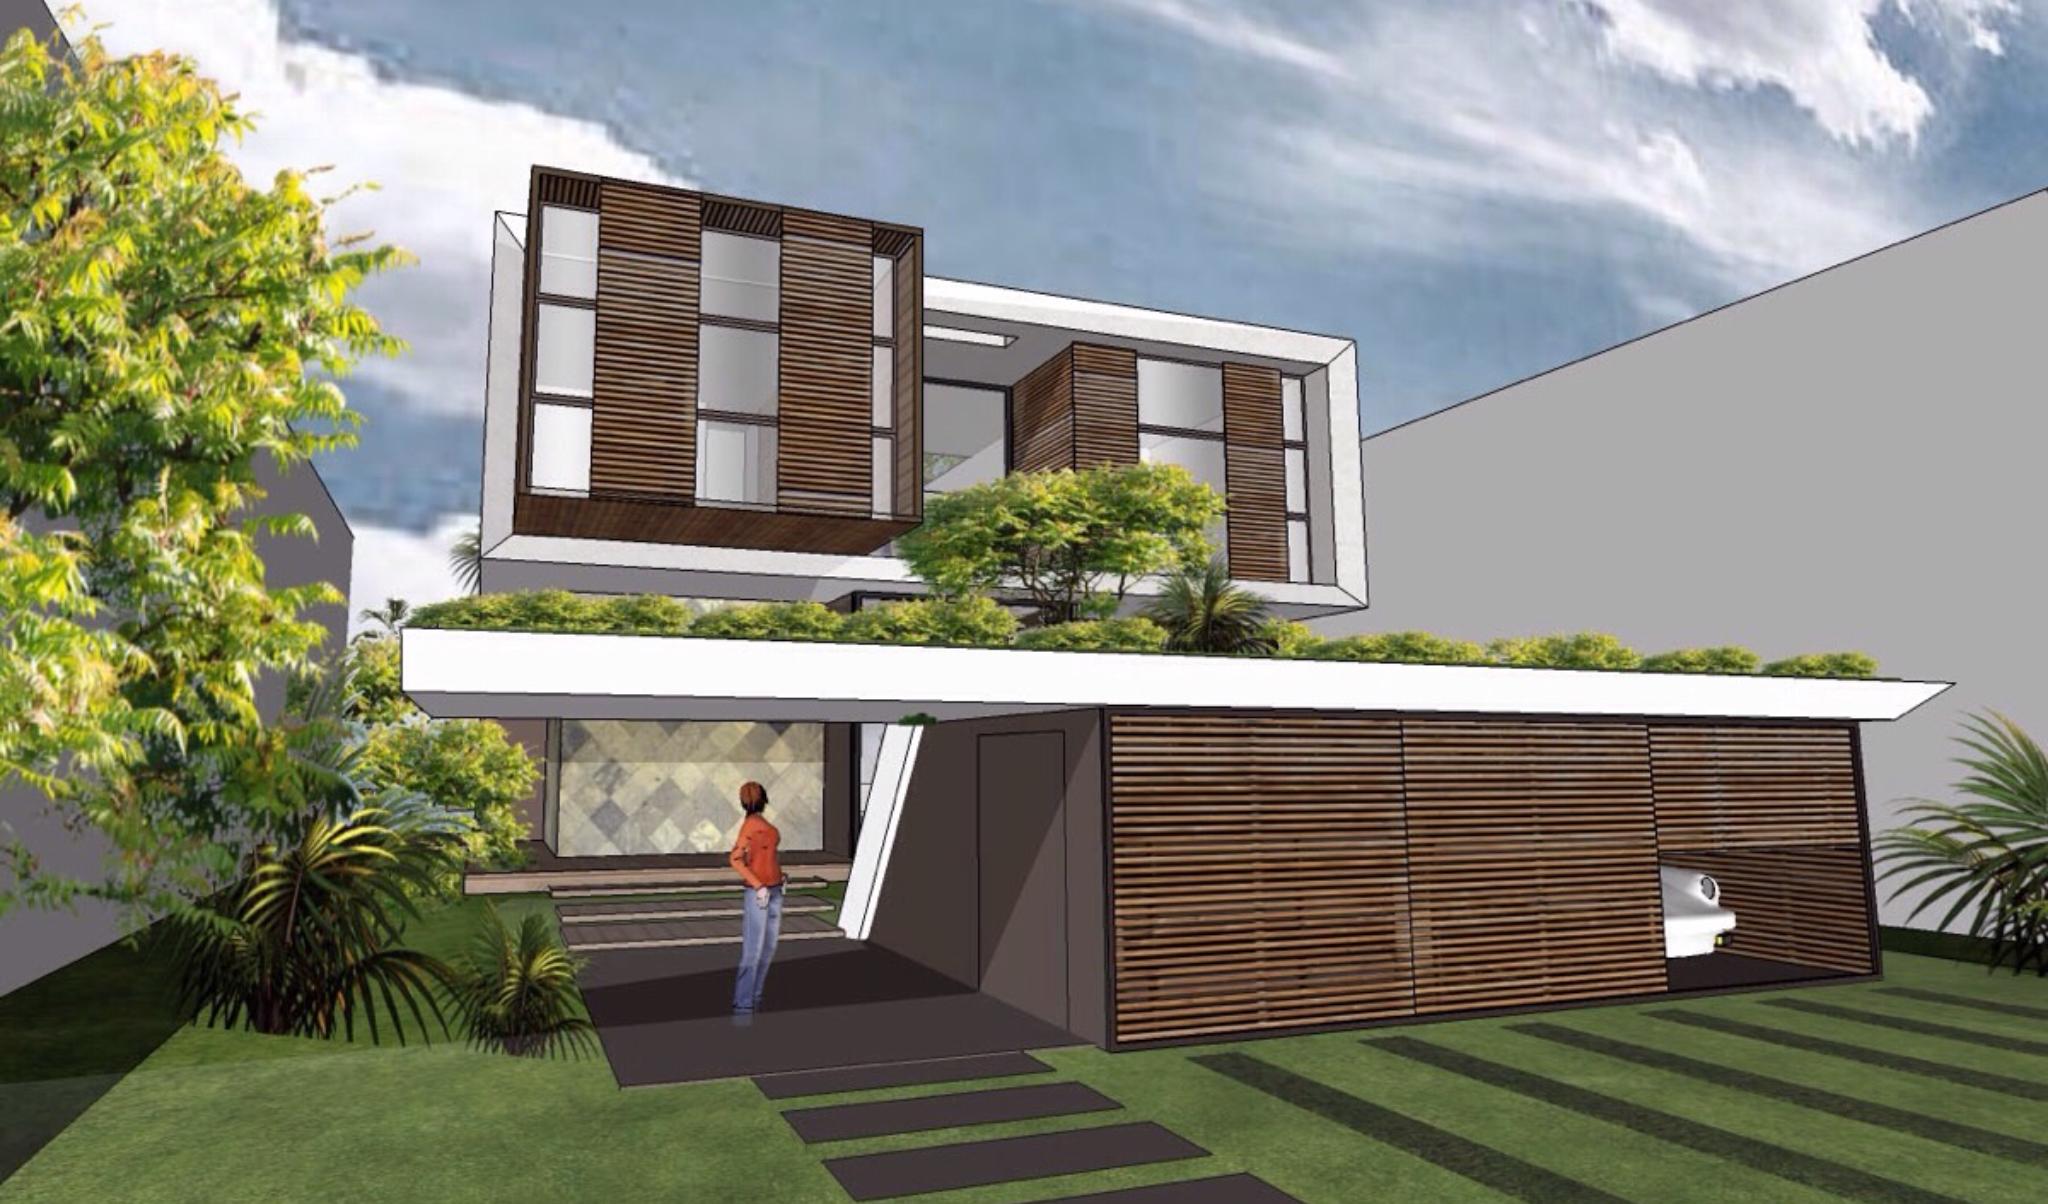 Casa em Alphaville 500 m2 - RJ